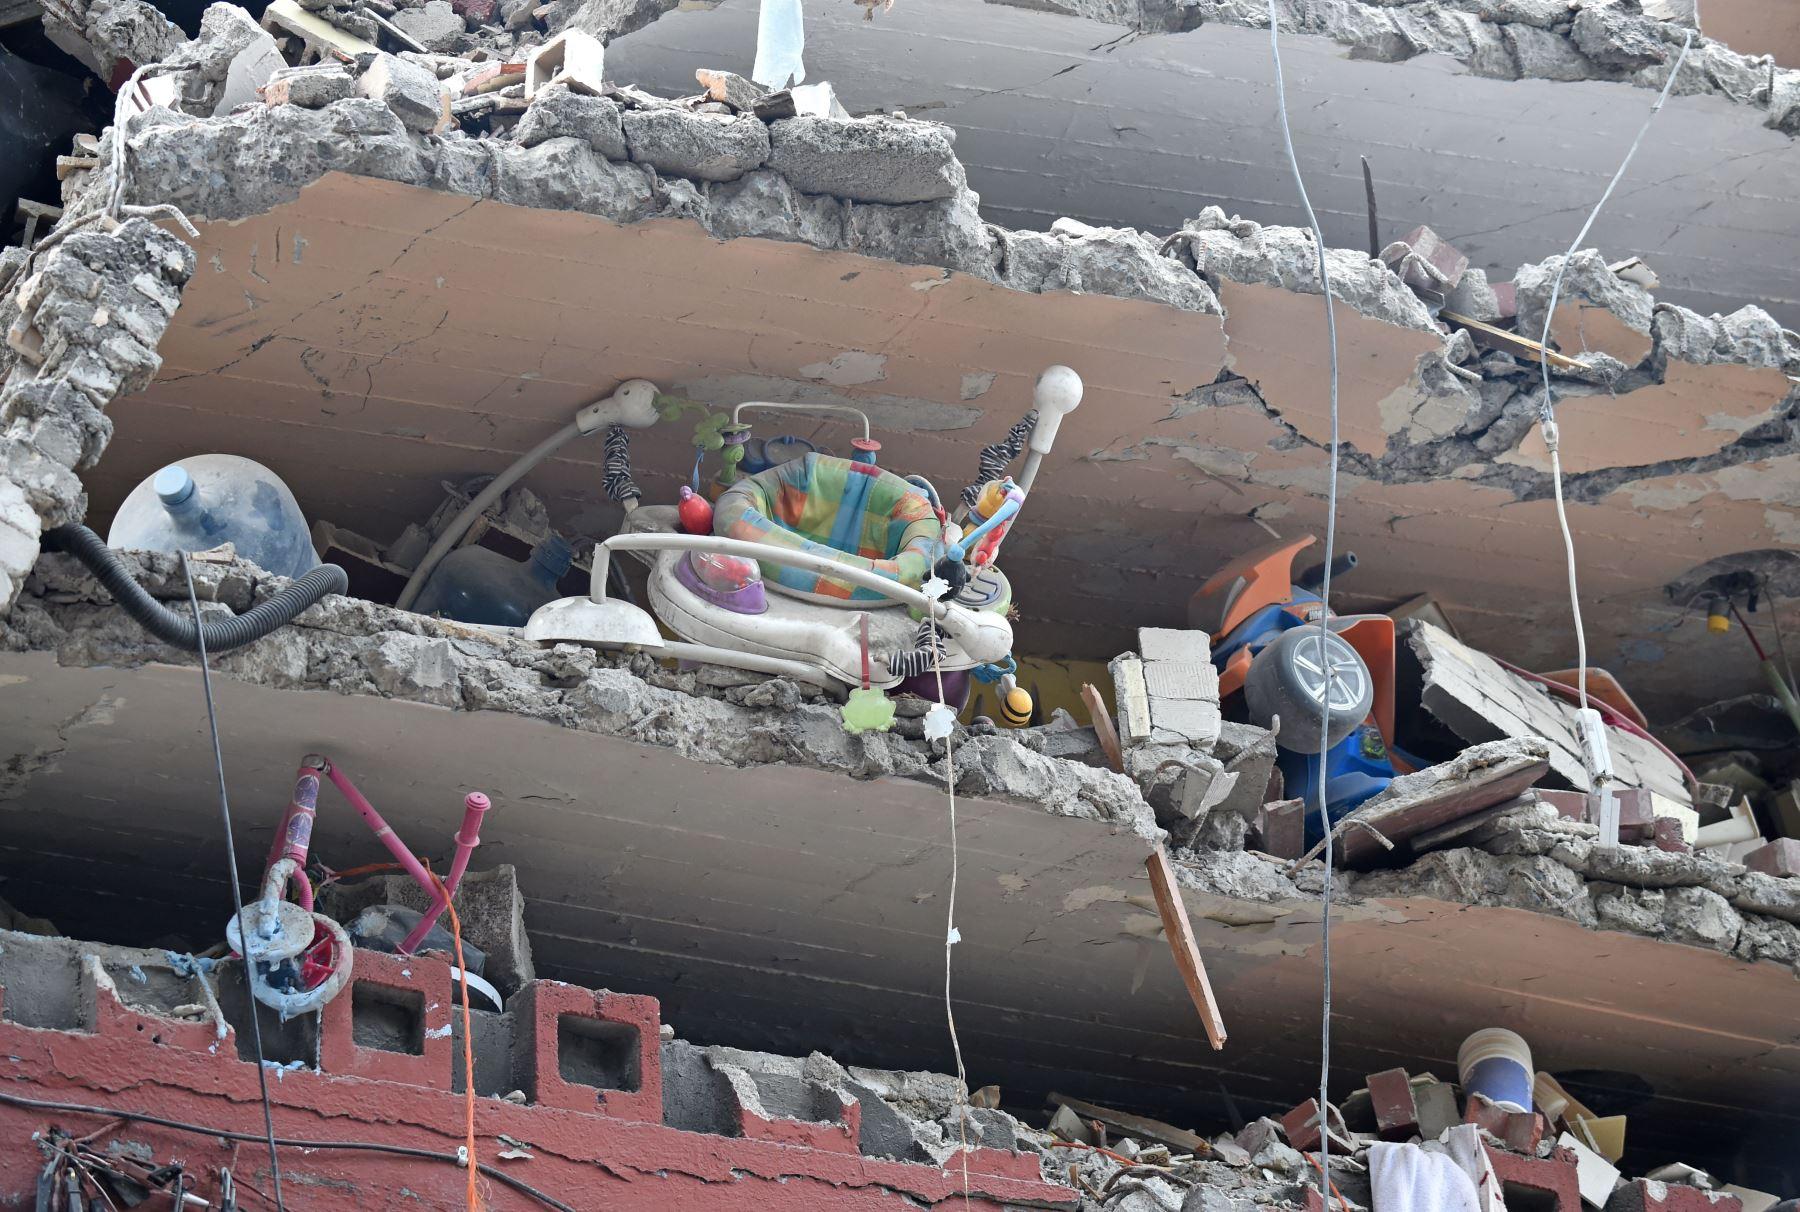 Juguetes y un andador son vistos en un edificio aplastado por el fuerte terremoto que azotó el centro de México. Foto: AFP